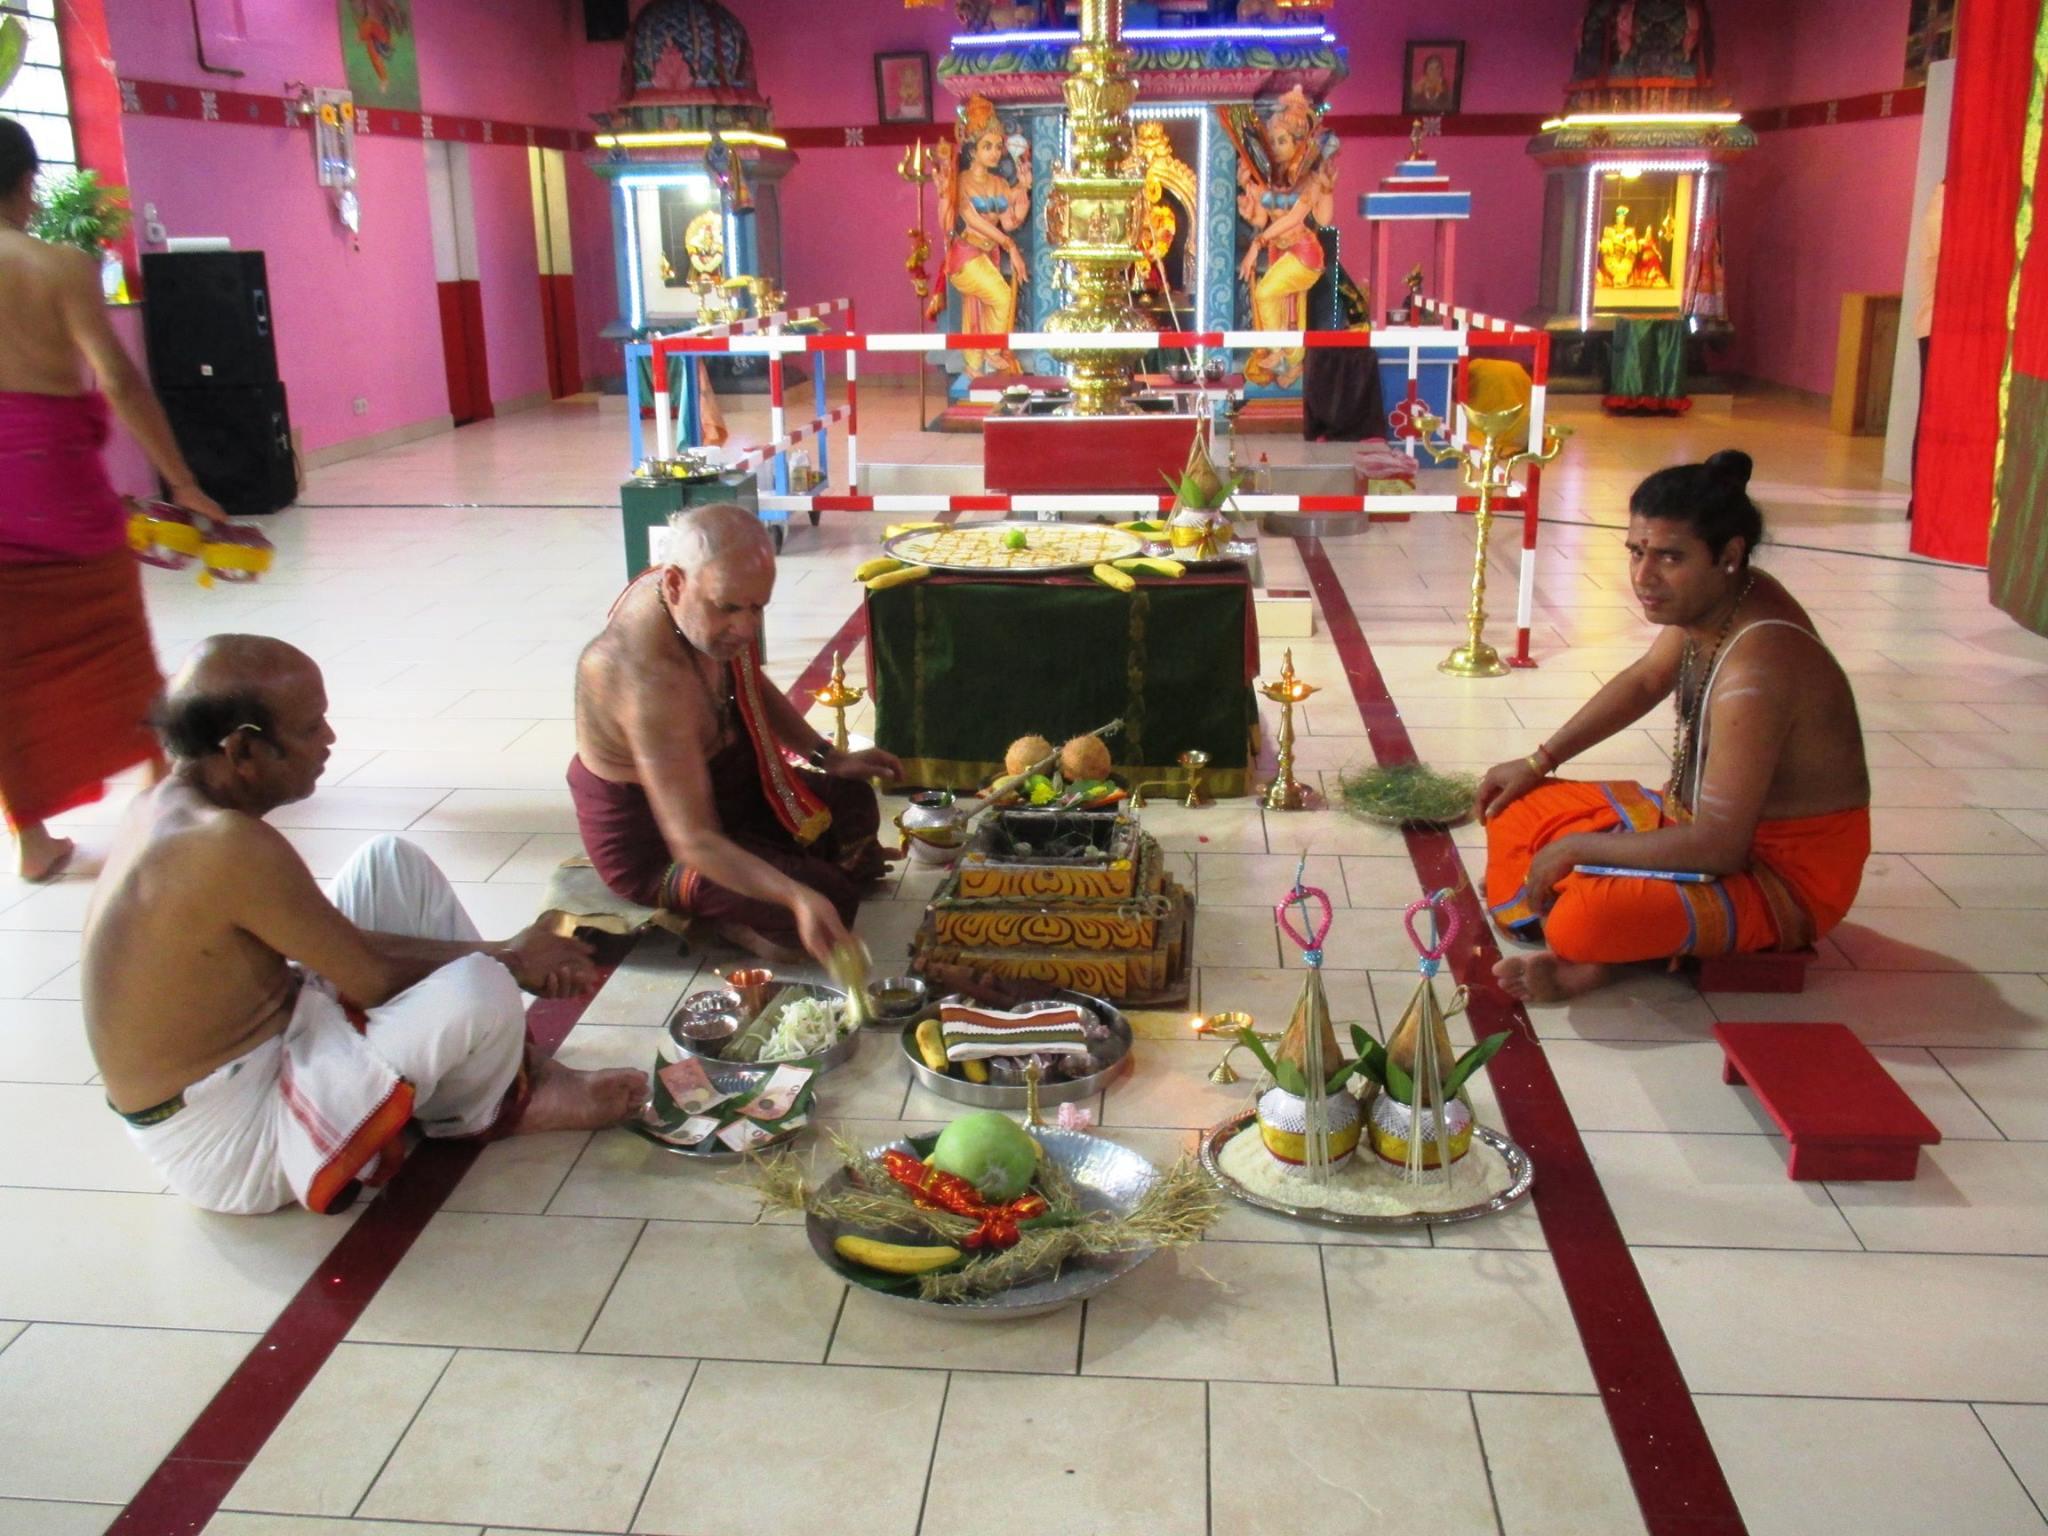 சுவெற்ரா கனகதுர்க்கா அம்பாள் ஆலயத்தில்  கிரிகைகள் நடைபெற்றது.